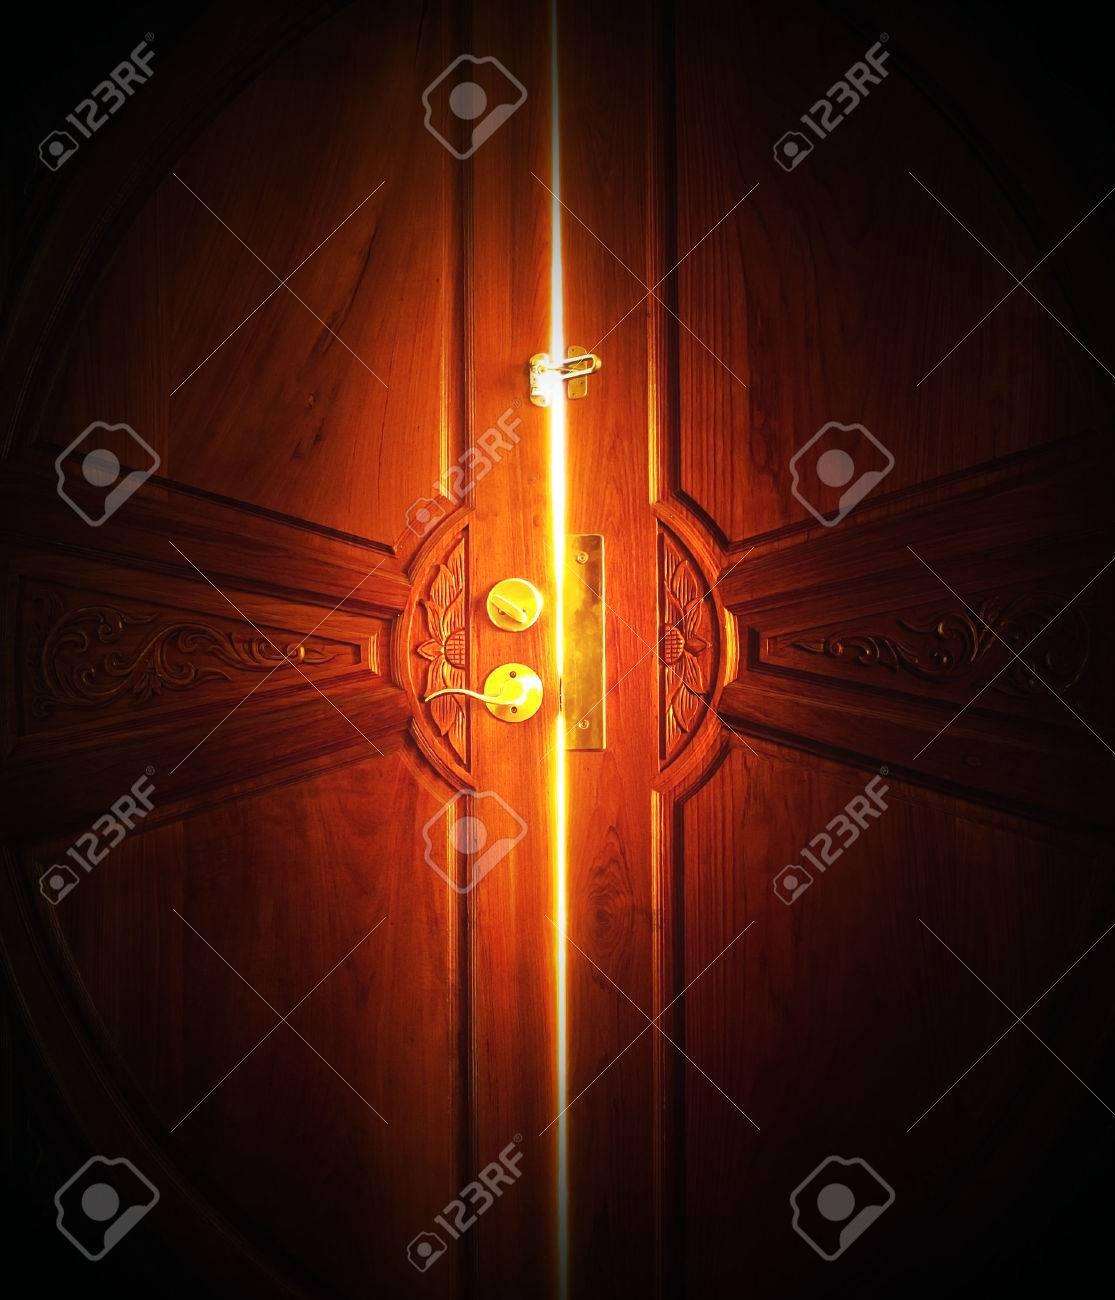 open door light - 27073001